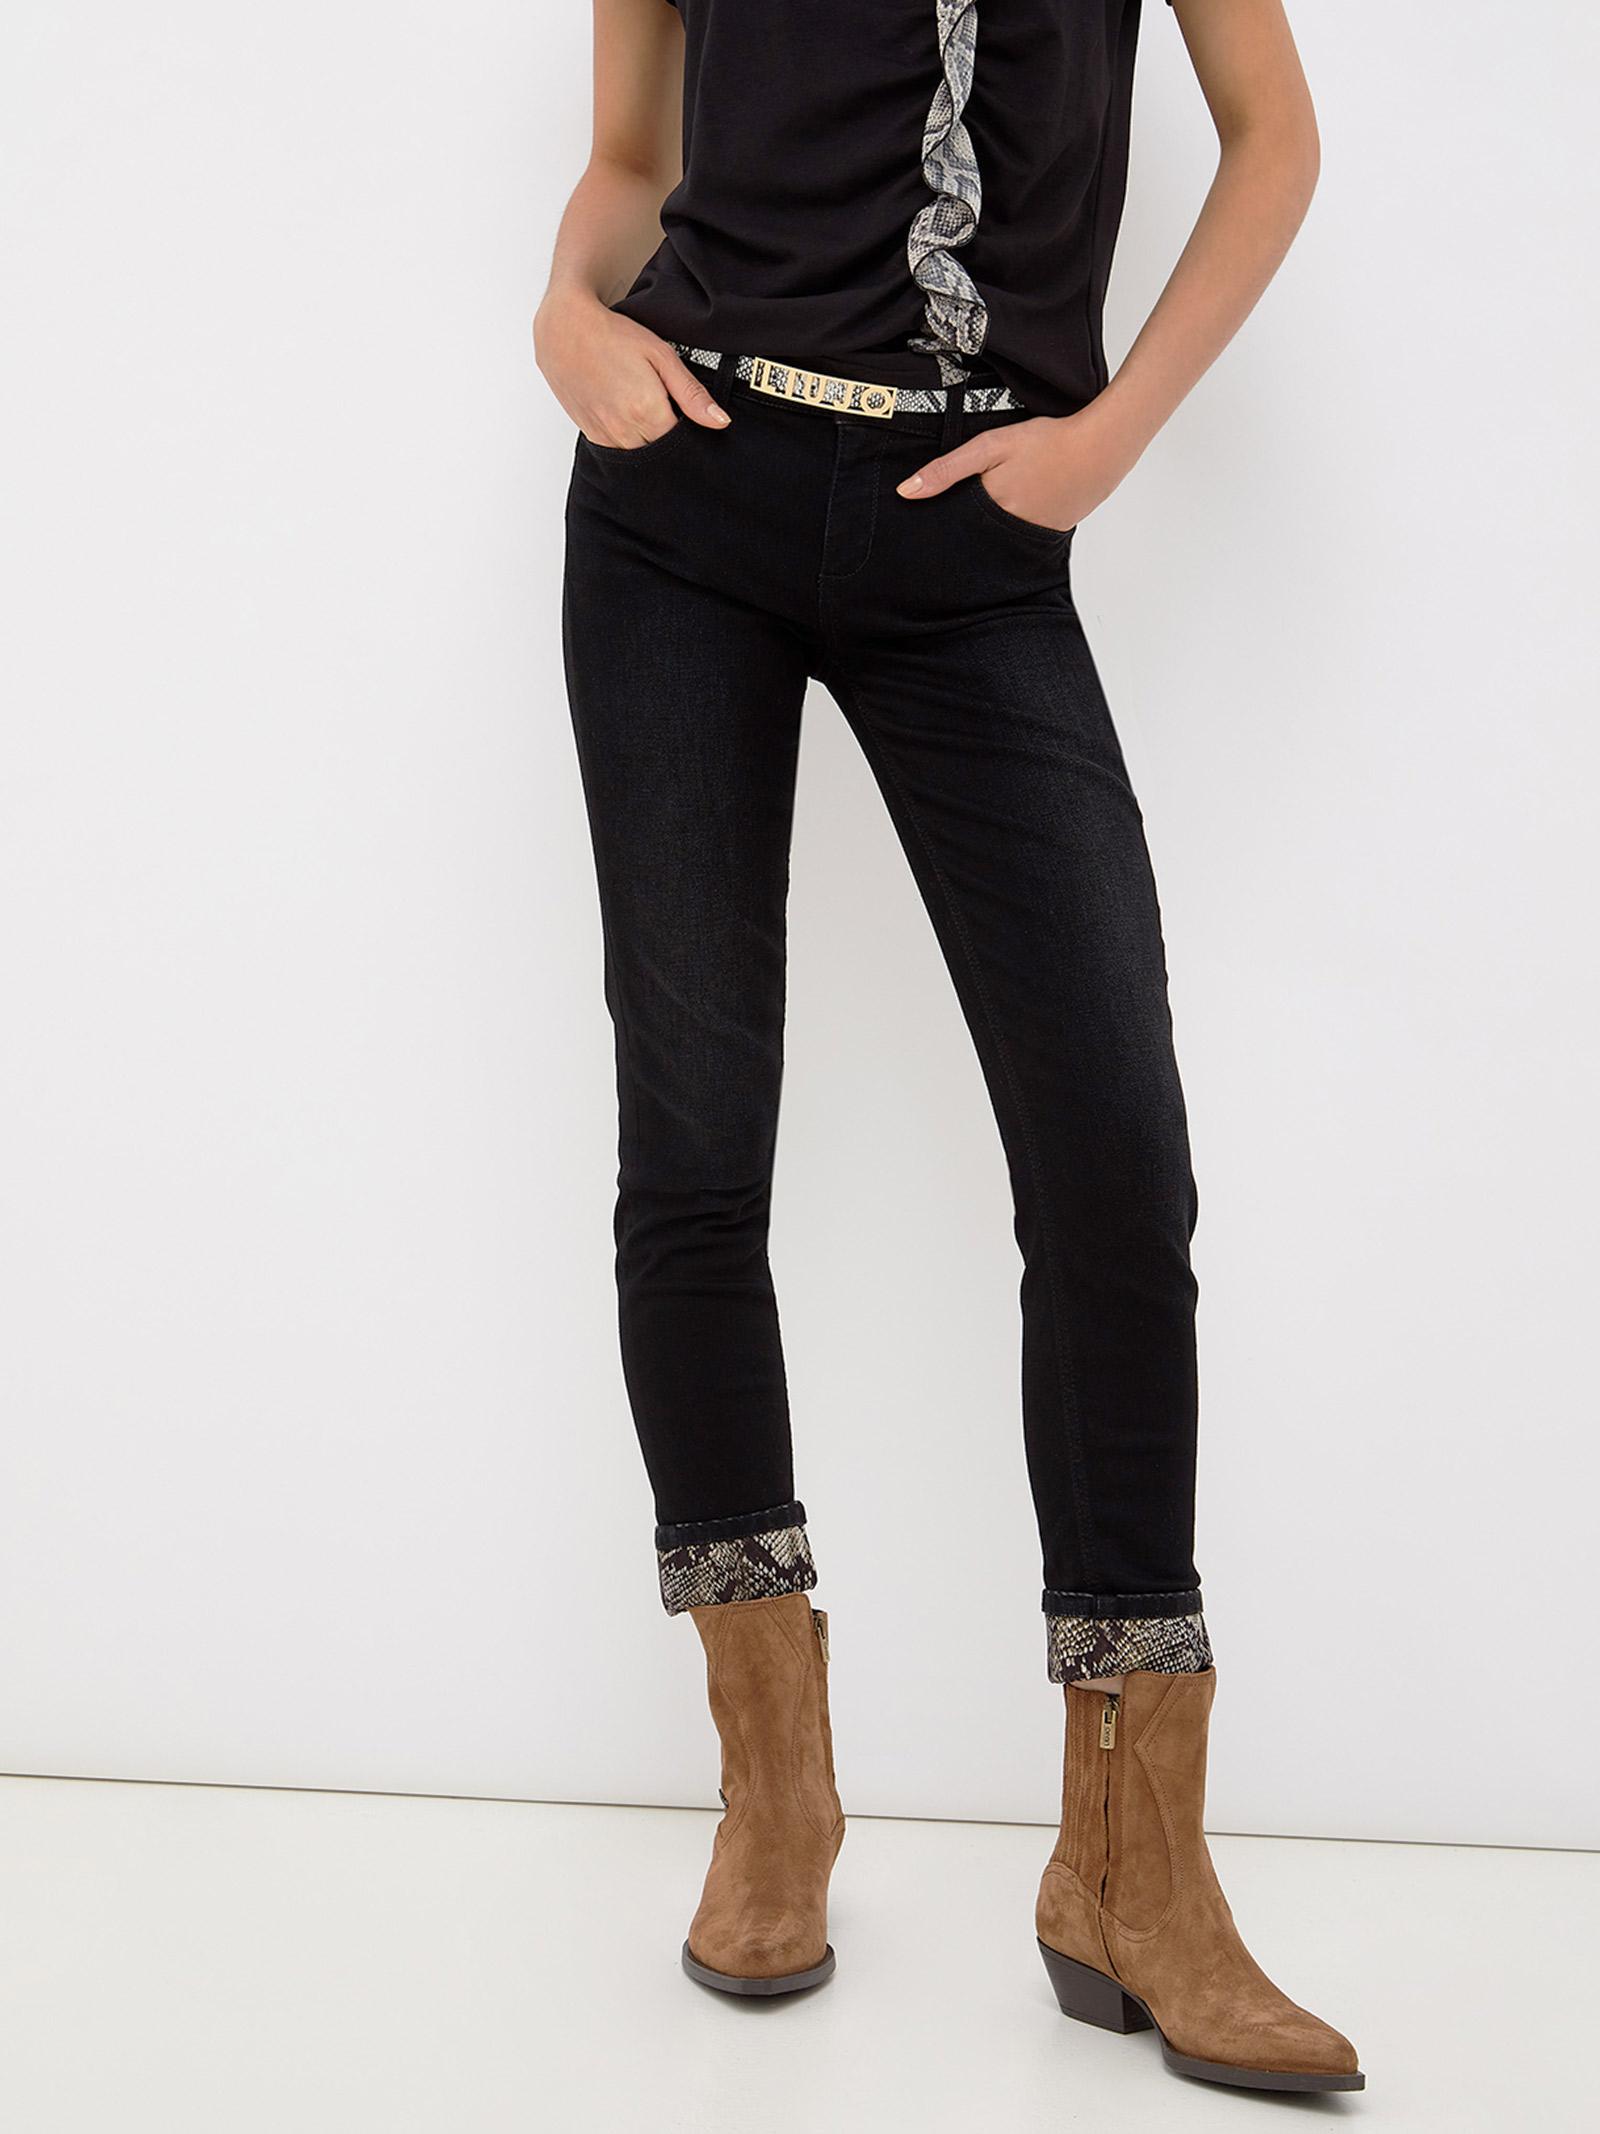 Monroe pyton Liu Jo jeans LIU JO | Jeans | UF1006D461488206